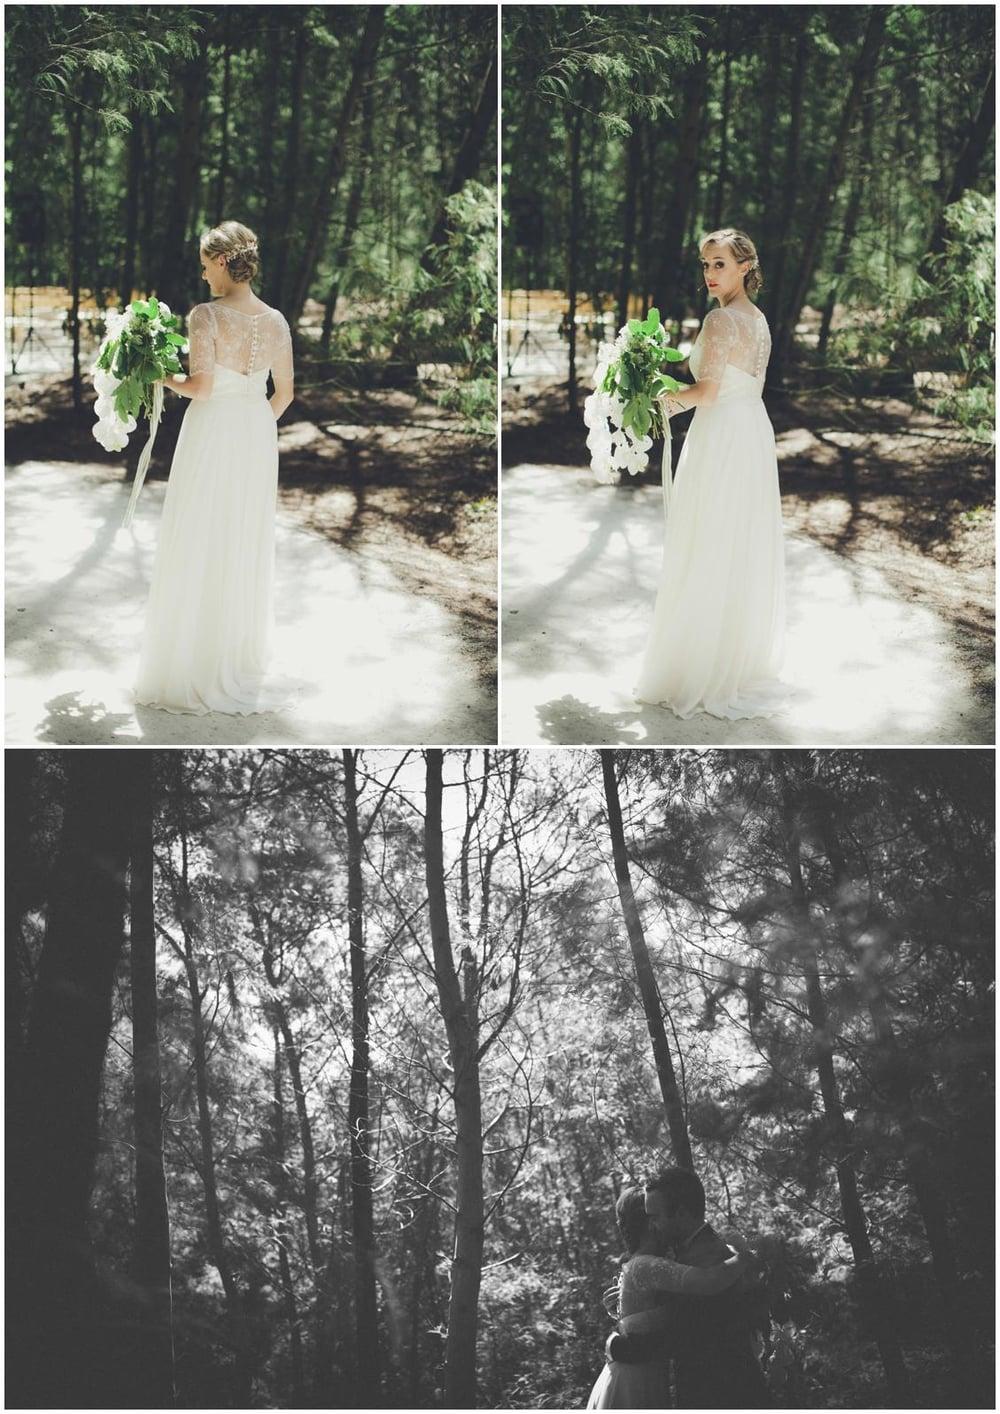 Ruan&Lizzie@Diewoud_FionaClairPhotography-48.jpg